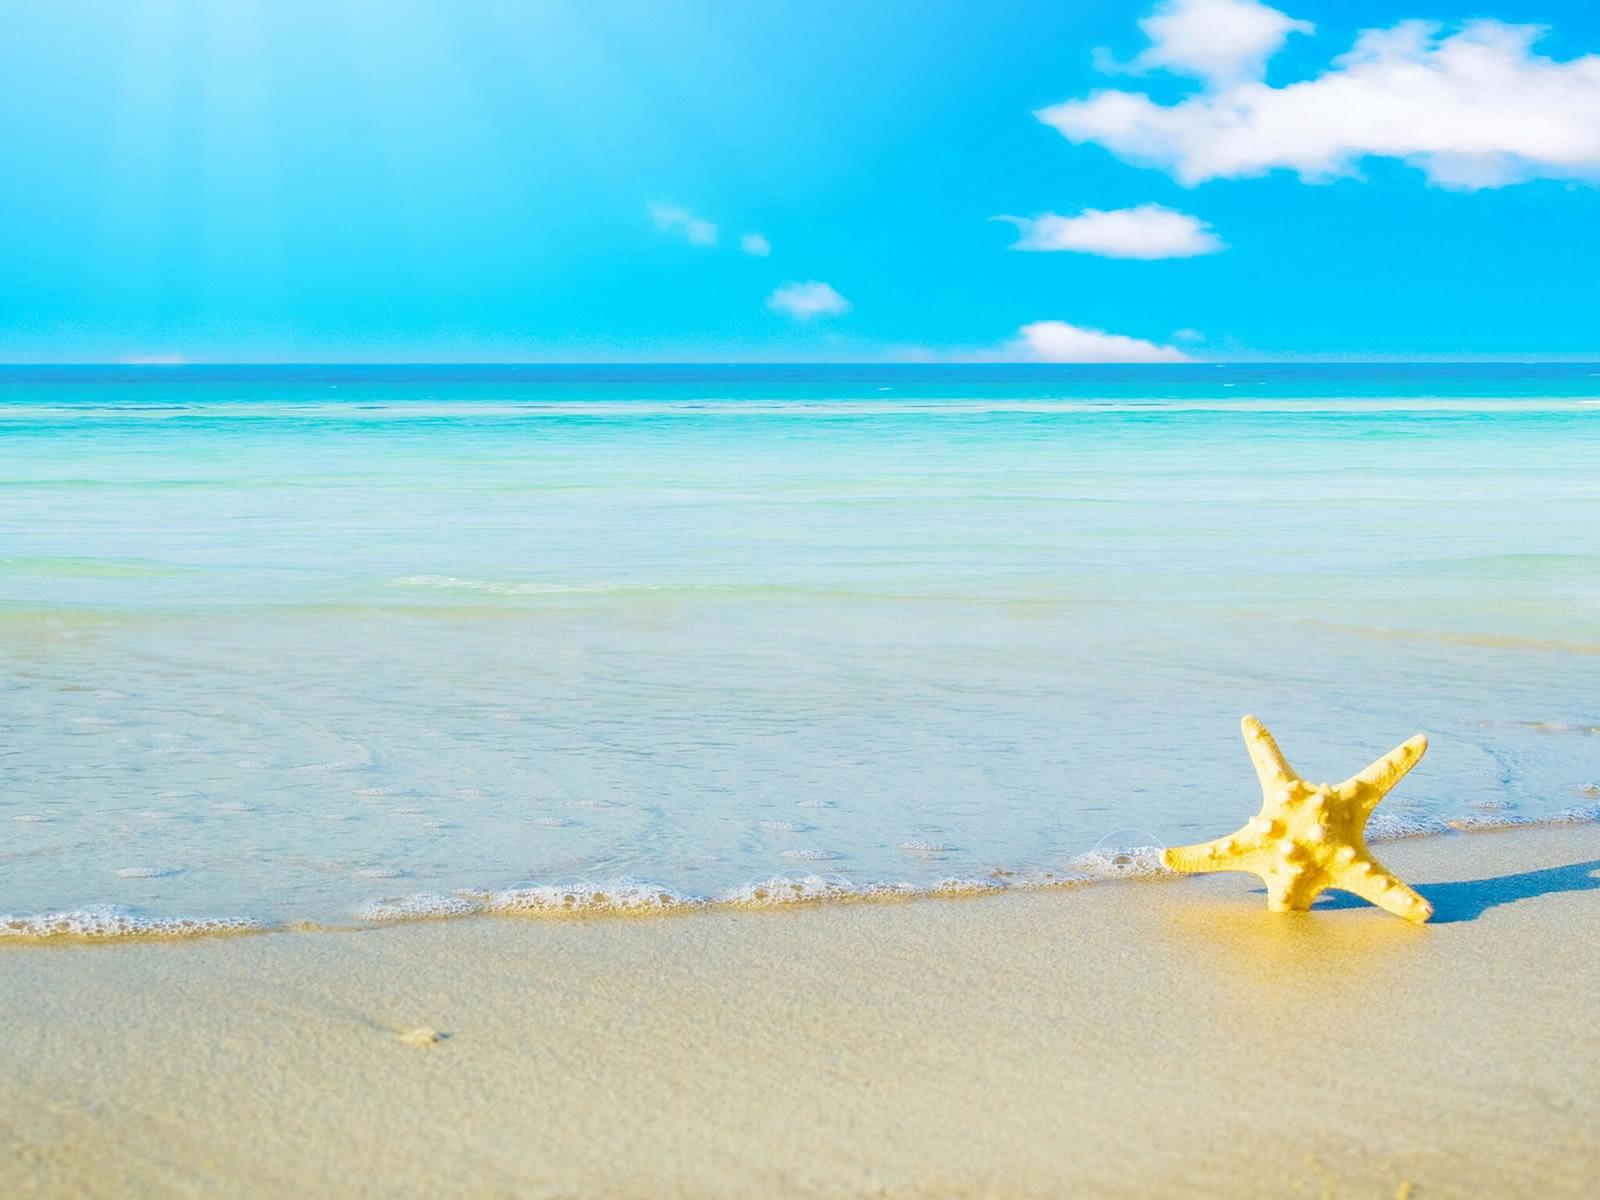 ... .com--The-best-top-desktop-beach-wallpapers-hd-beach-wallpaper-7.jpg